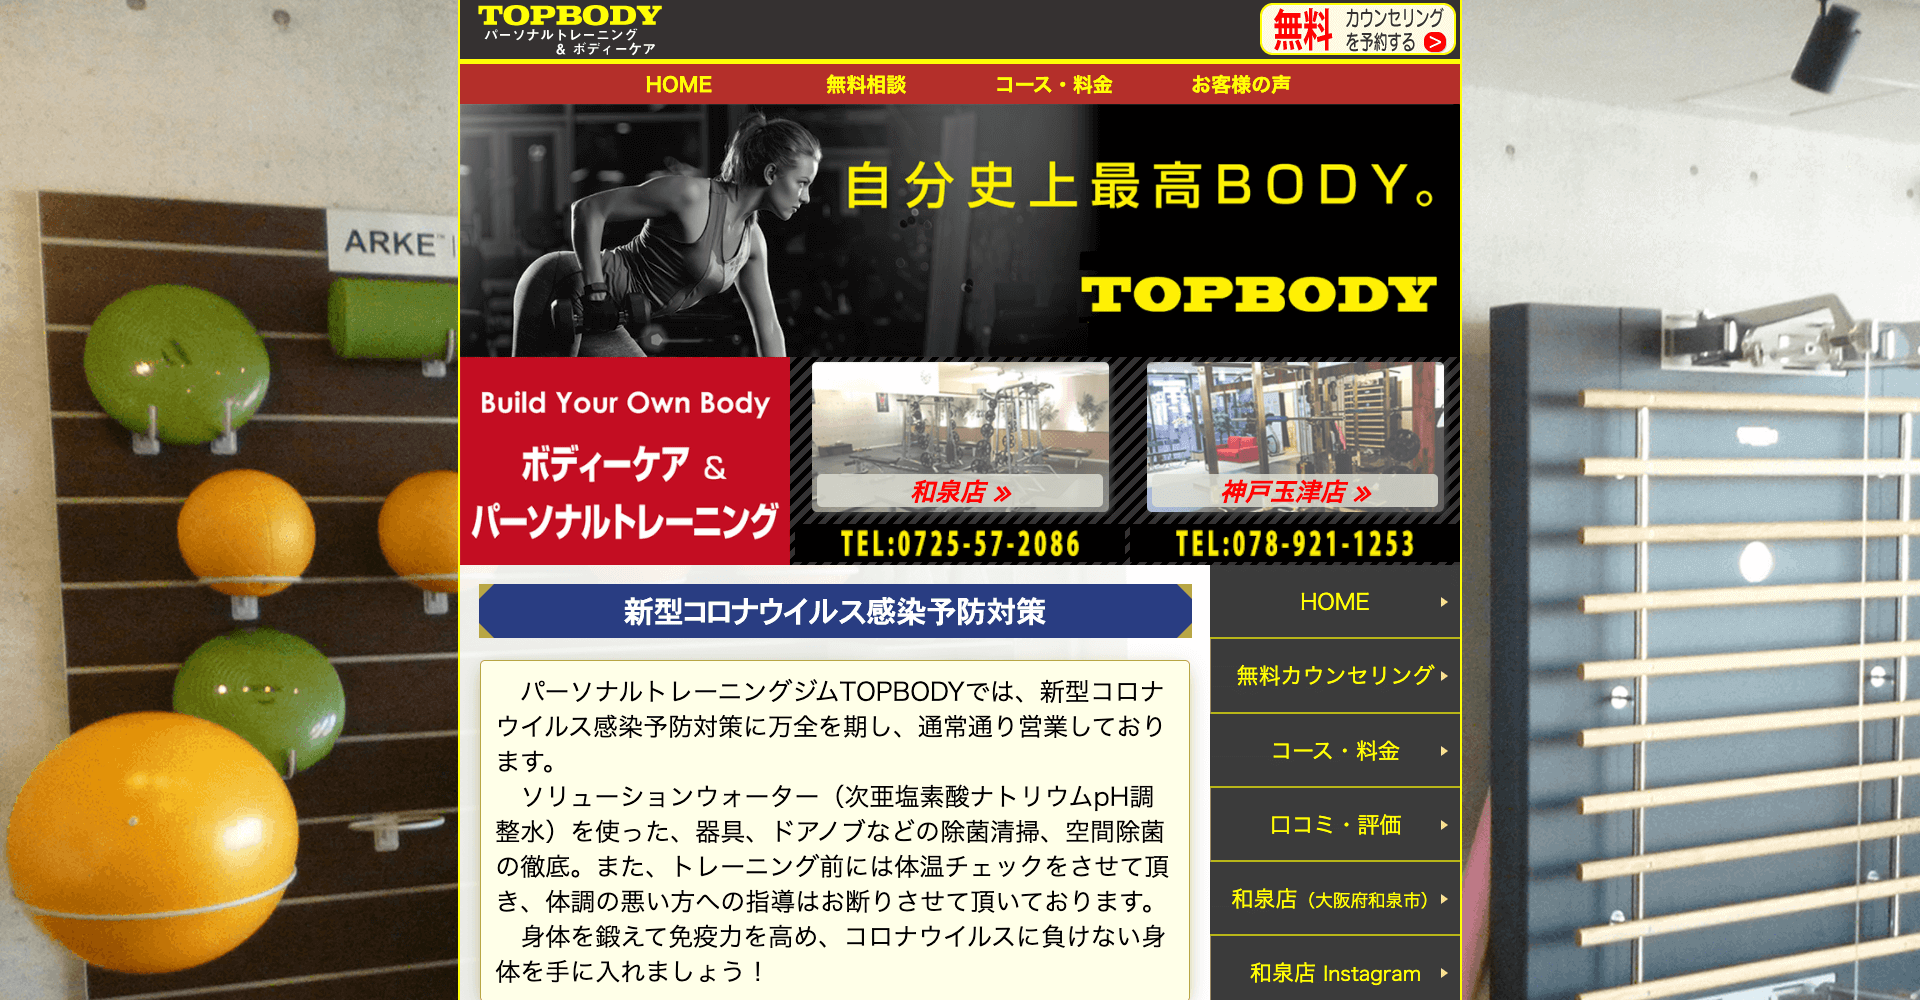 パーソナルトレーニングジムTOPBODY玉津店